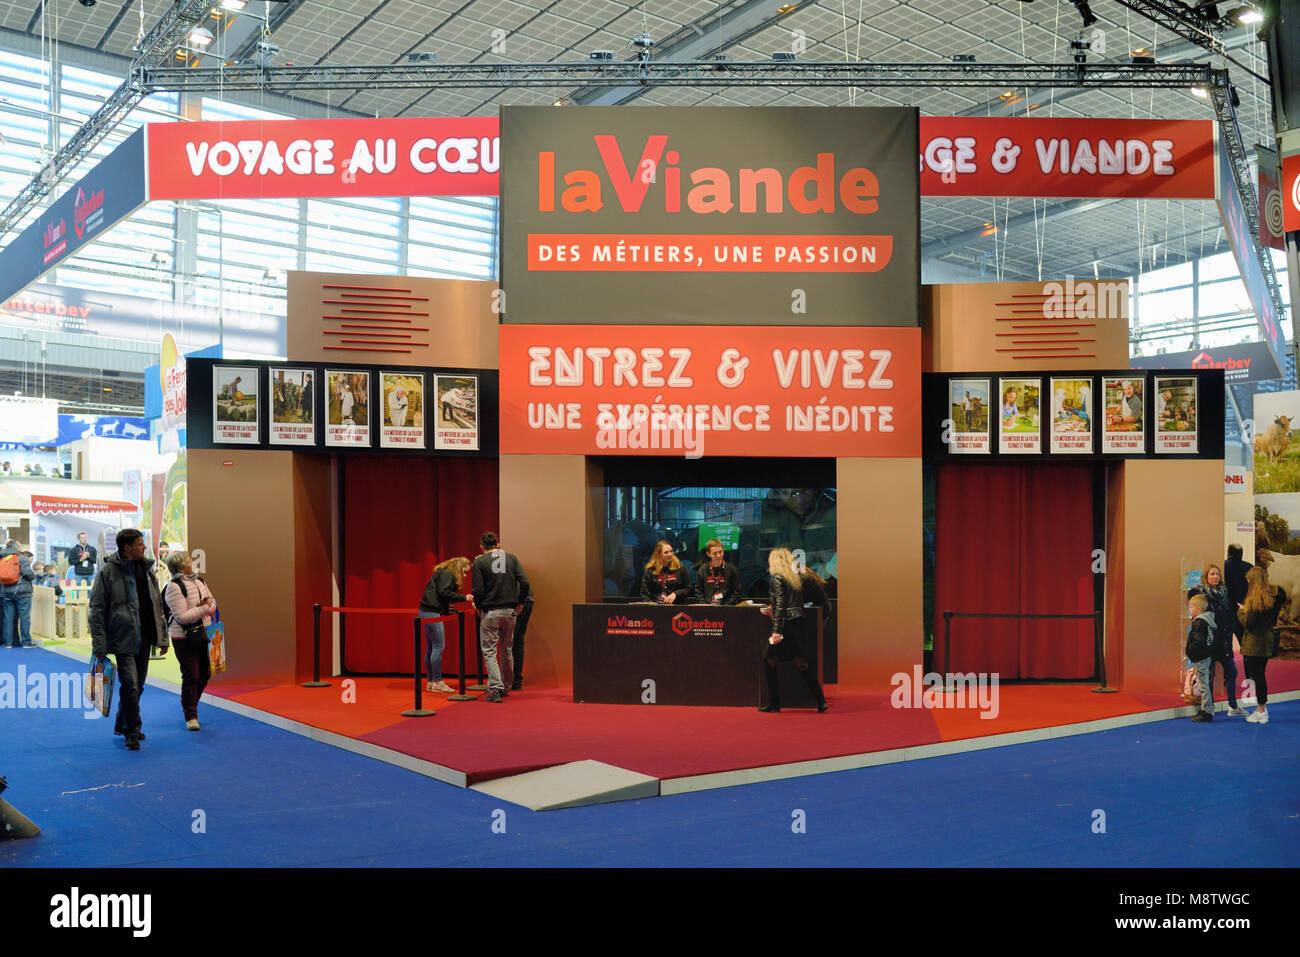 Stand de promotion de la viande au Salon International de l'Agriculture de Paris ou Salon International de ll'Agriculture (SIA), France Banque D'Images